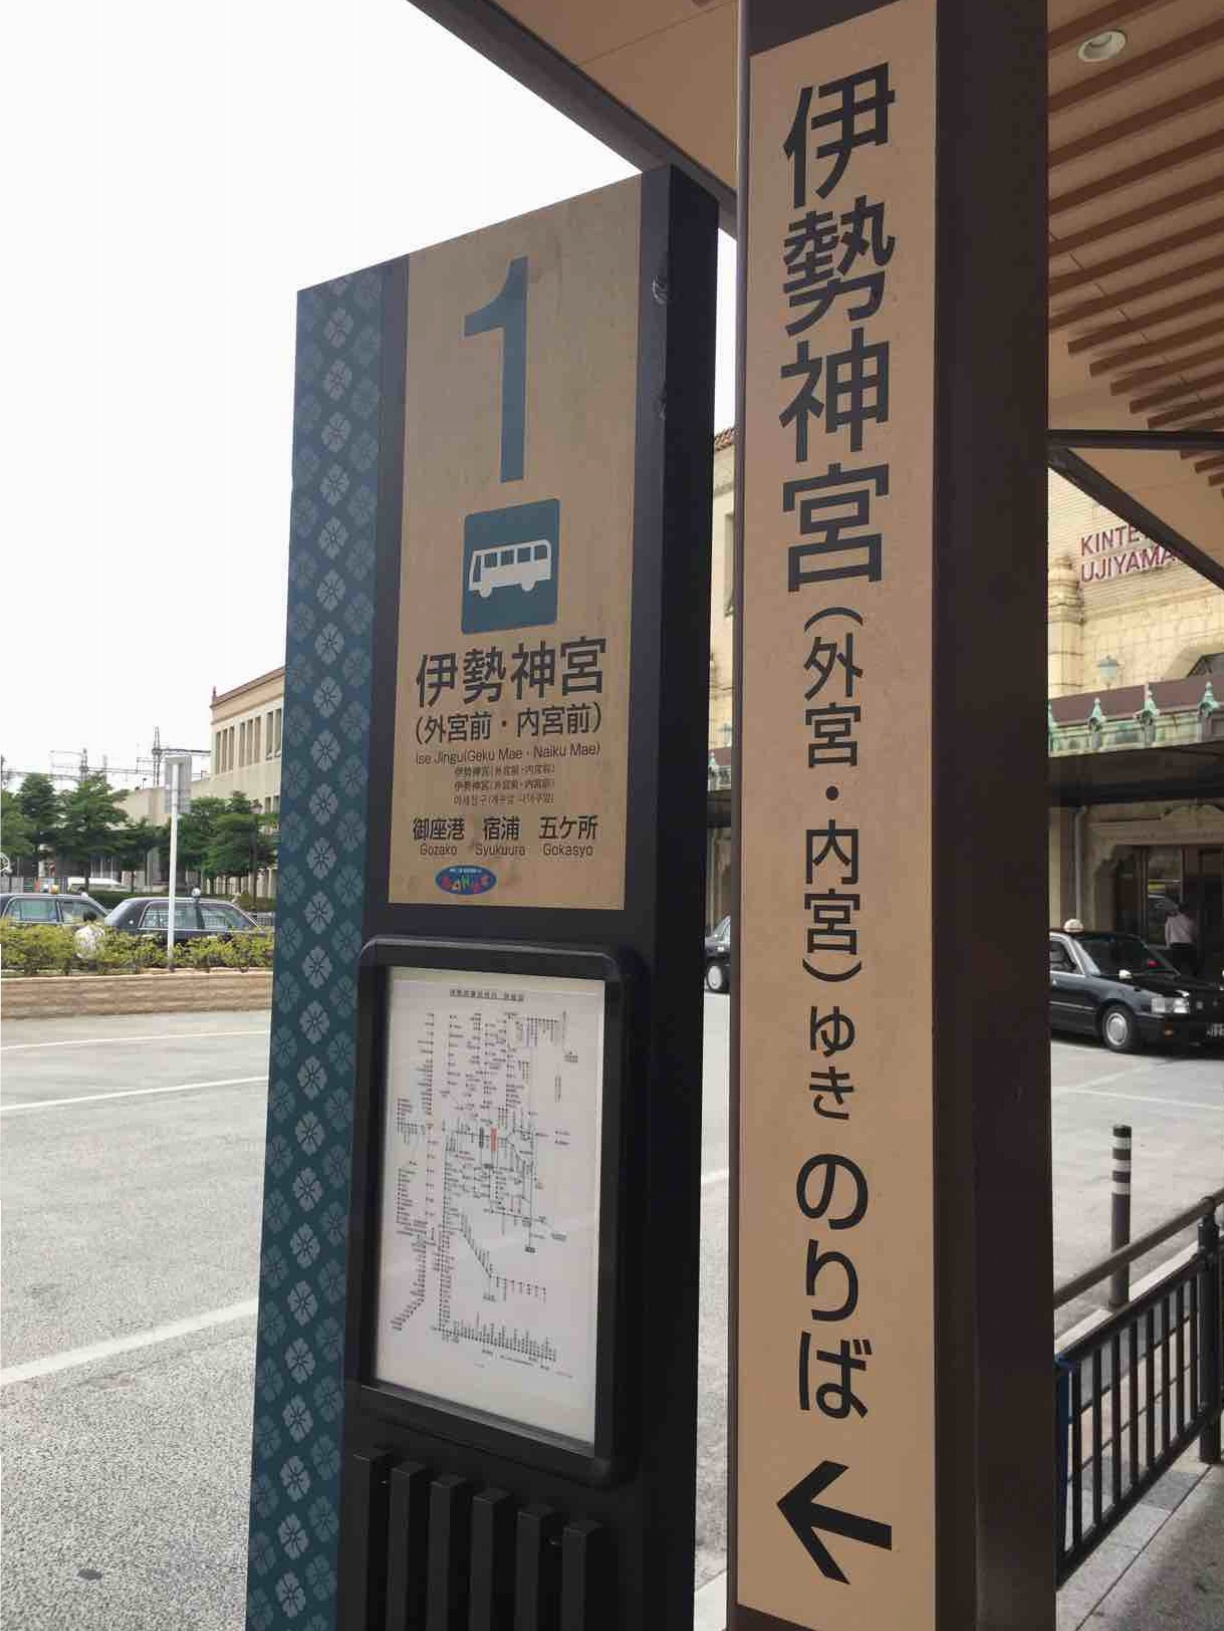 伊勢神宮&名古屋Trip♡伊勢神宮周辺のオススメスポット(๑╹ڡ╹)≪samenyan≫_3